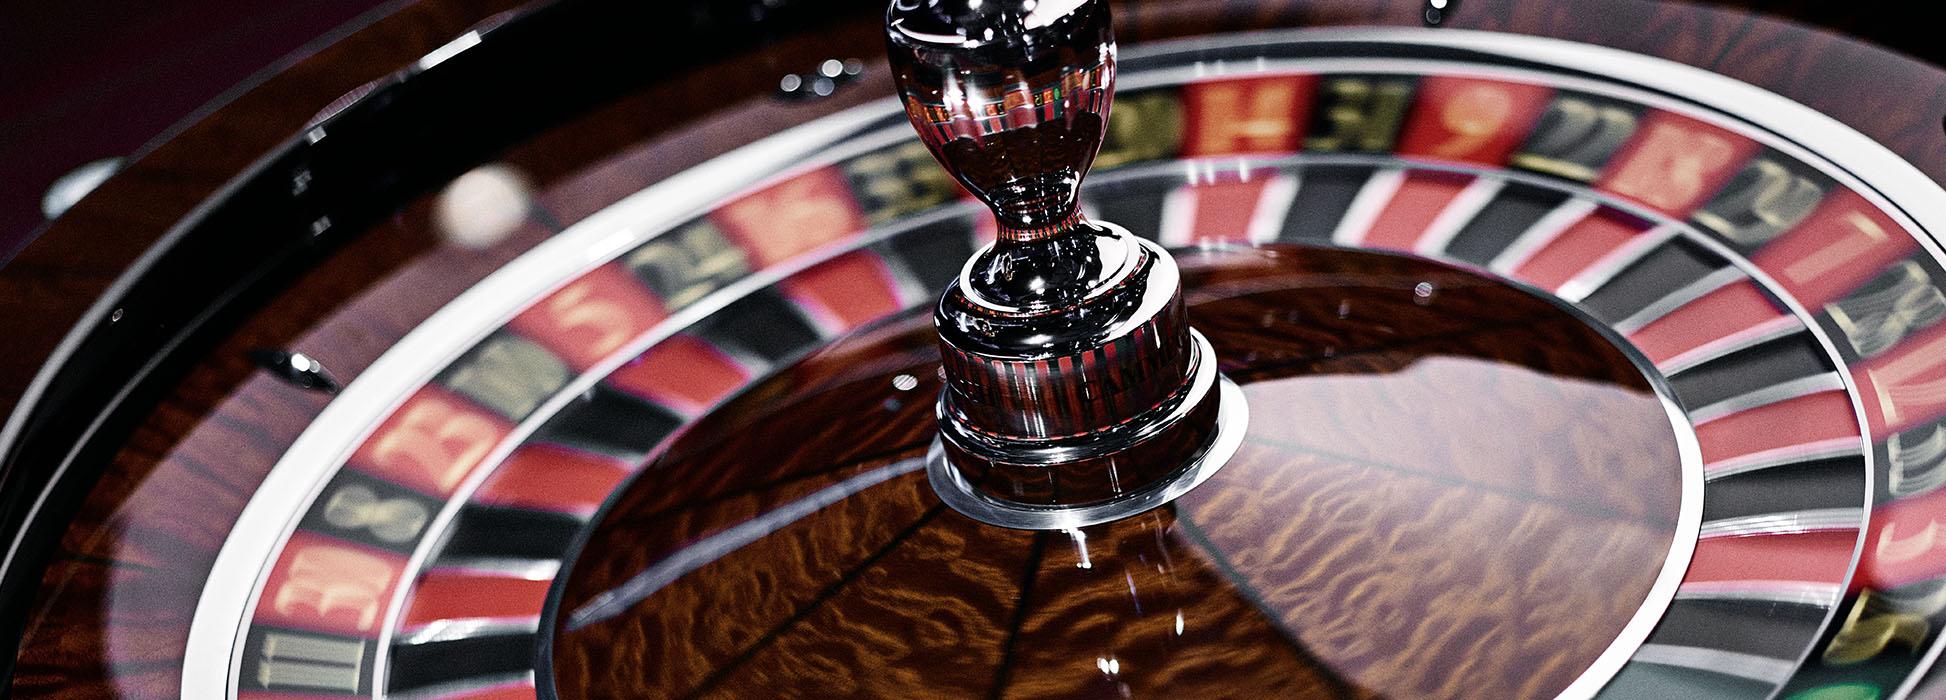 Gibraltar gambling license price